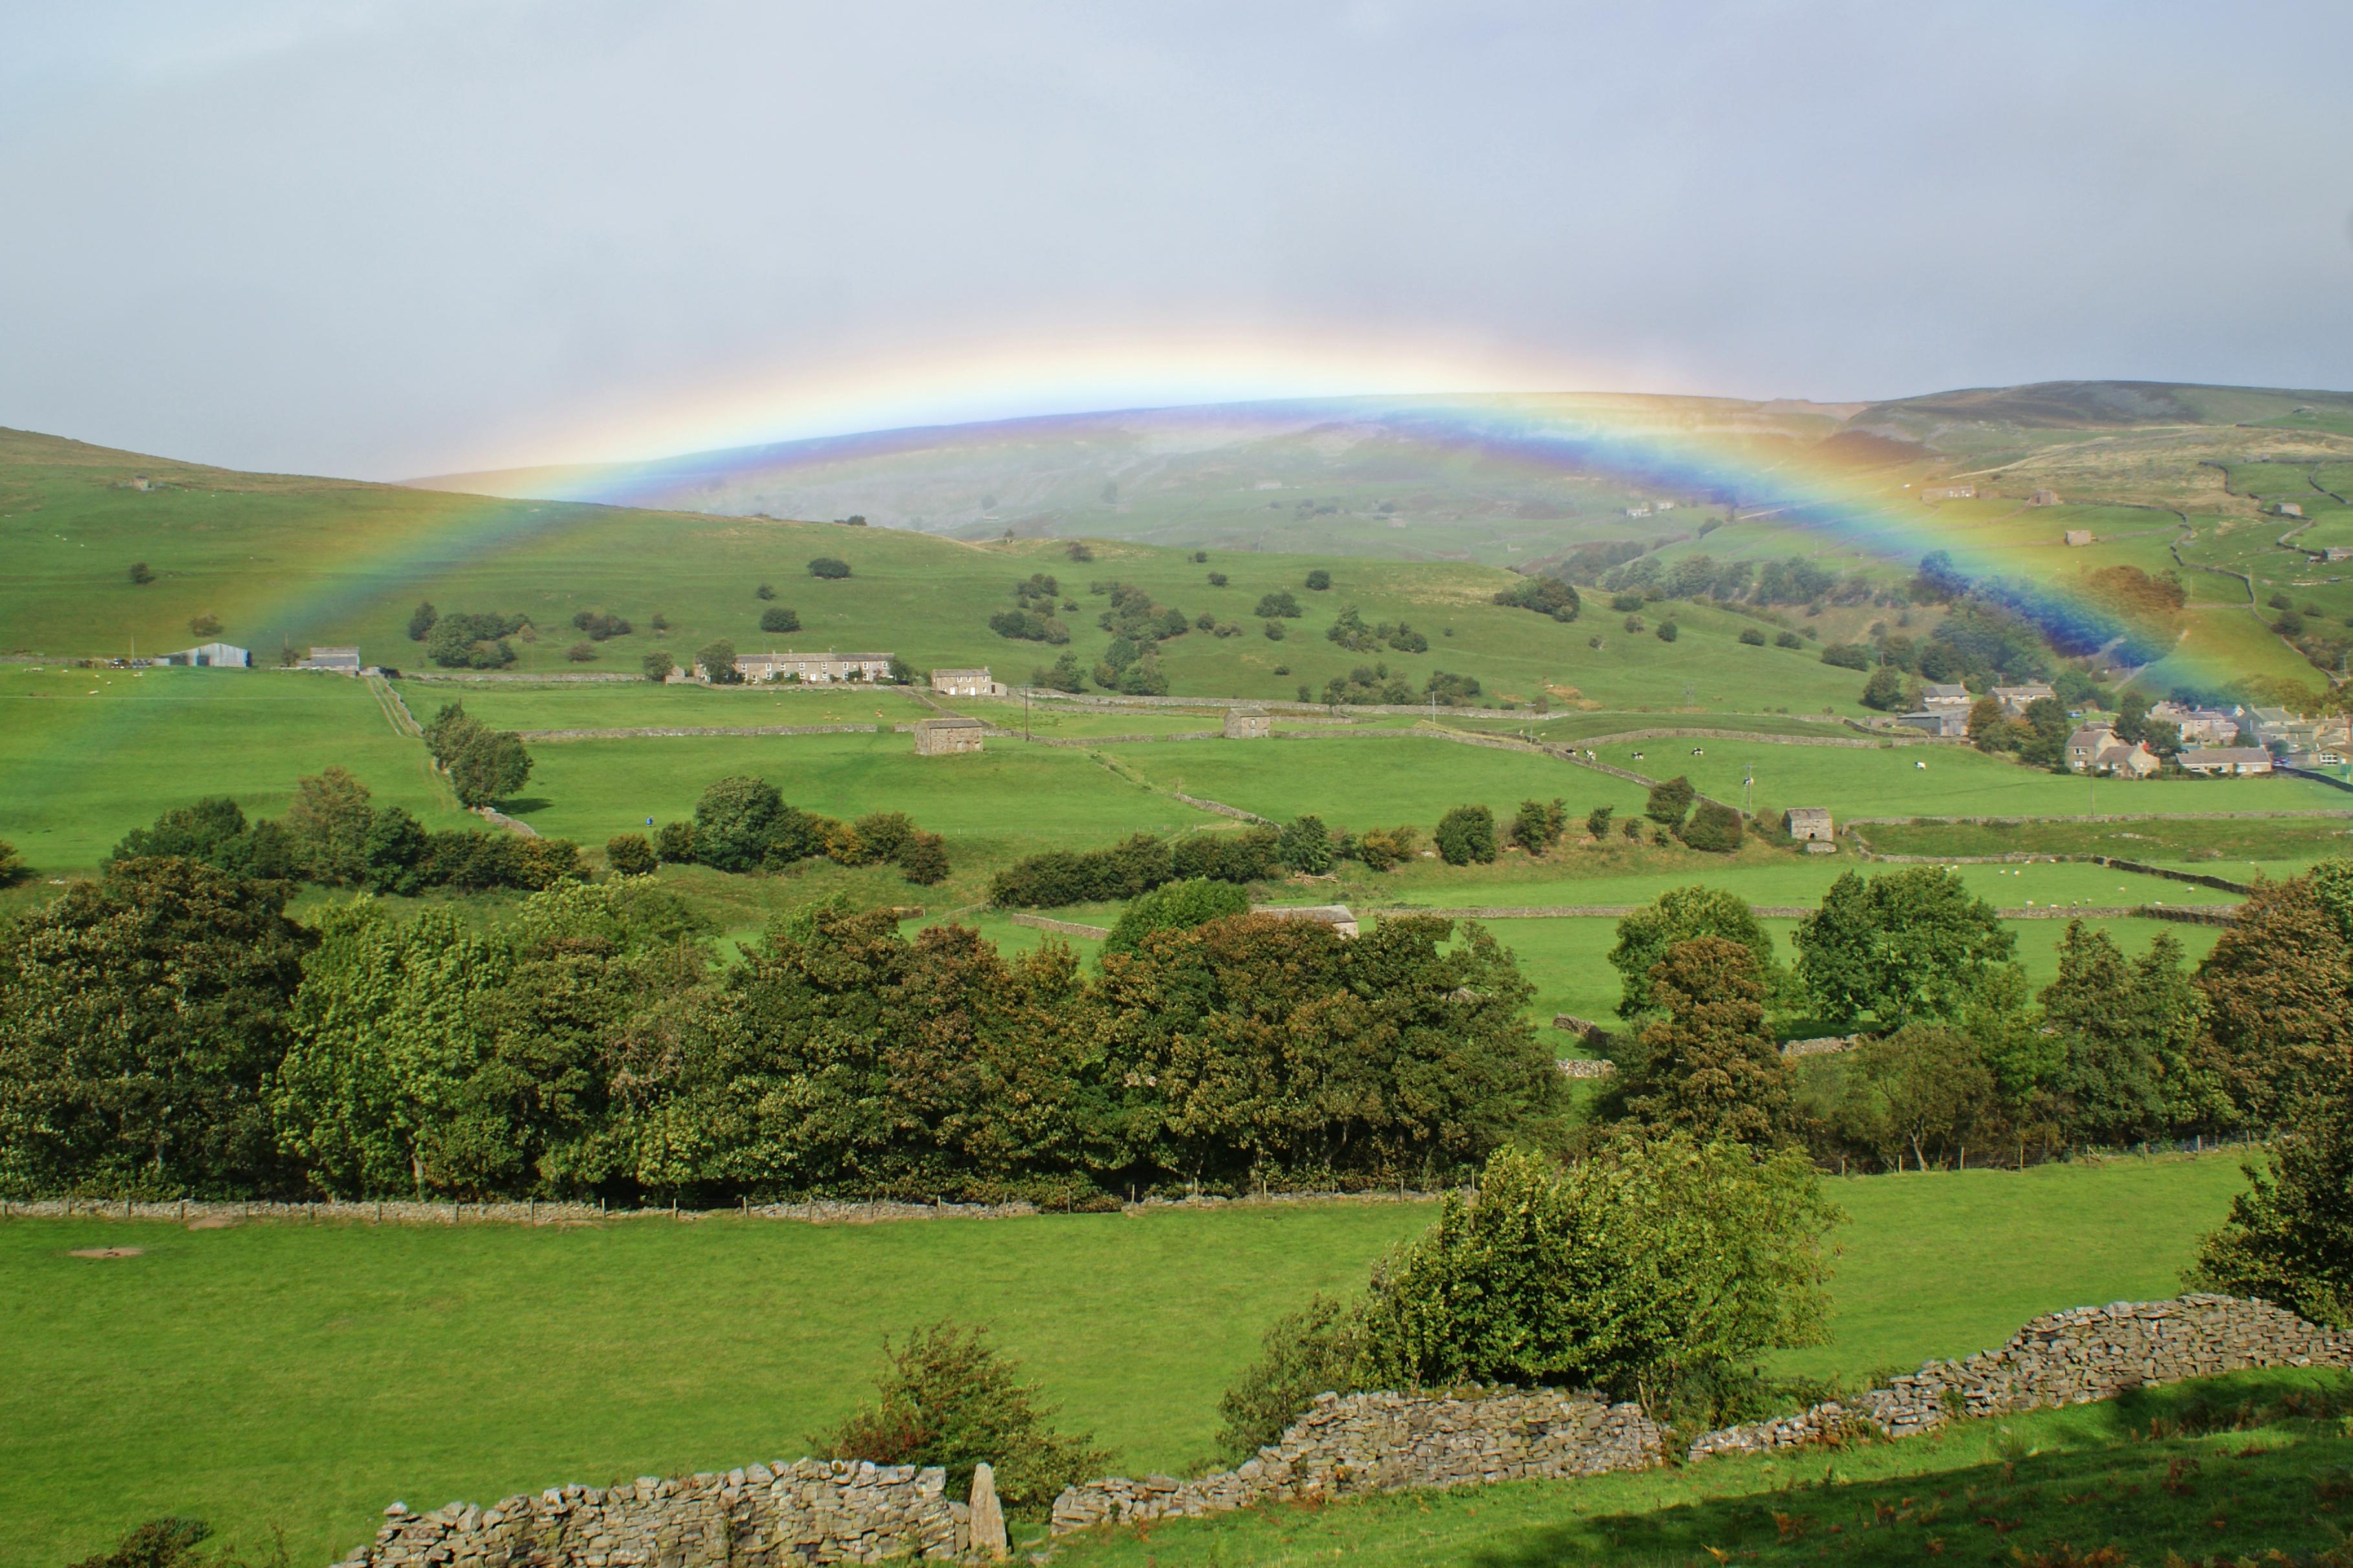 Yorkshire Dales Rainbow, UK